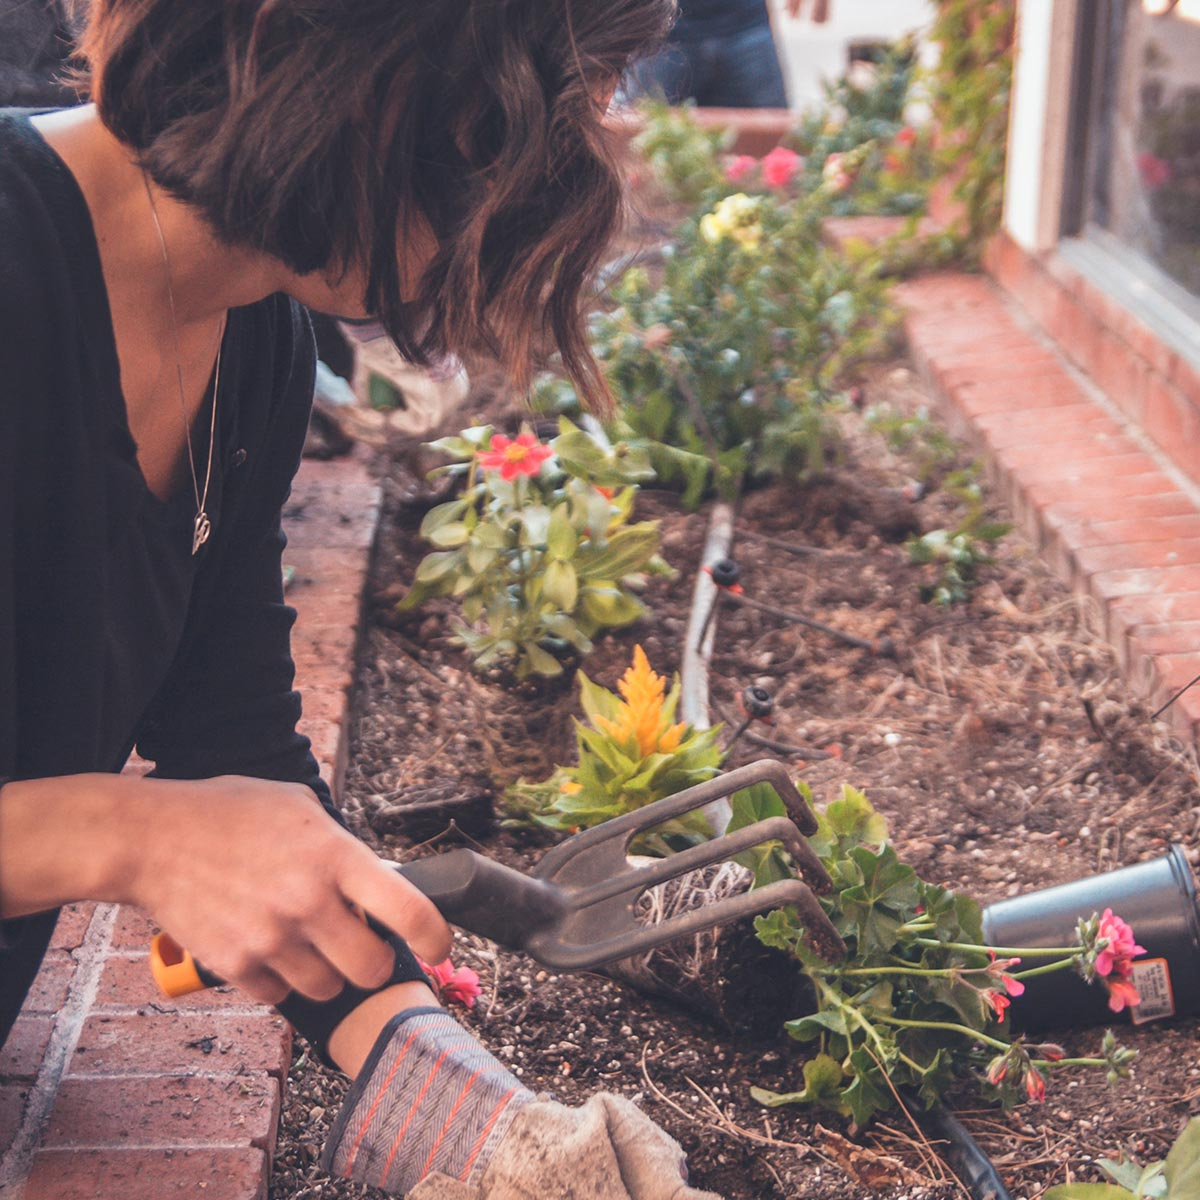 Jardines habitables y ecológicos, un diseño sustentable - Riego por goteo